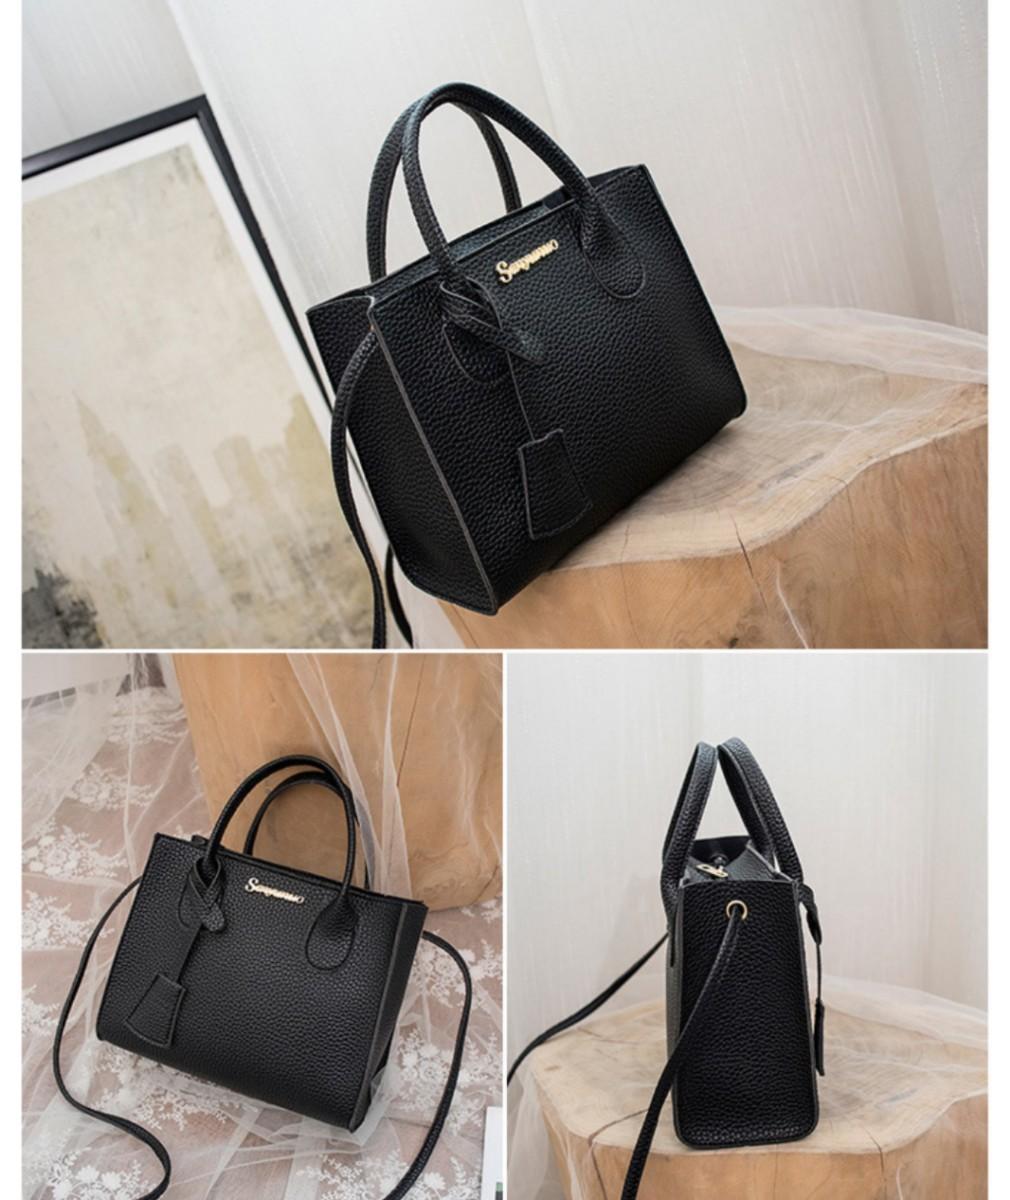 新品 バッグ トート コンパクト しょる レディースバッグ 2way ショルダーバッグ ハンドバッグ